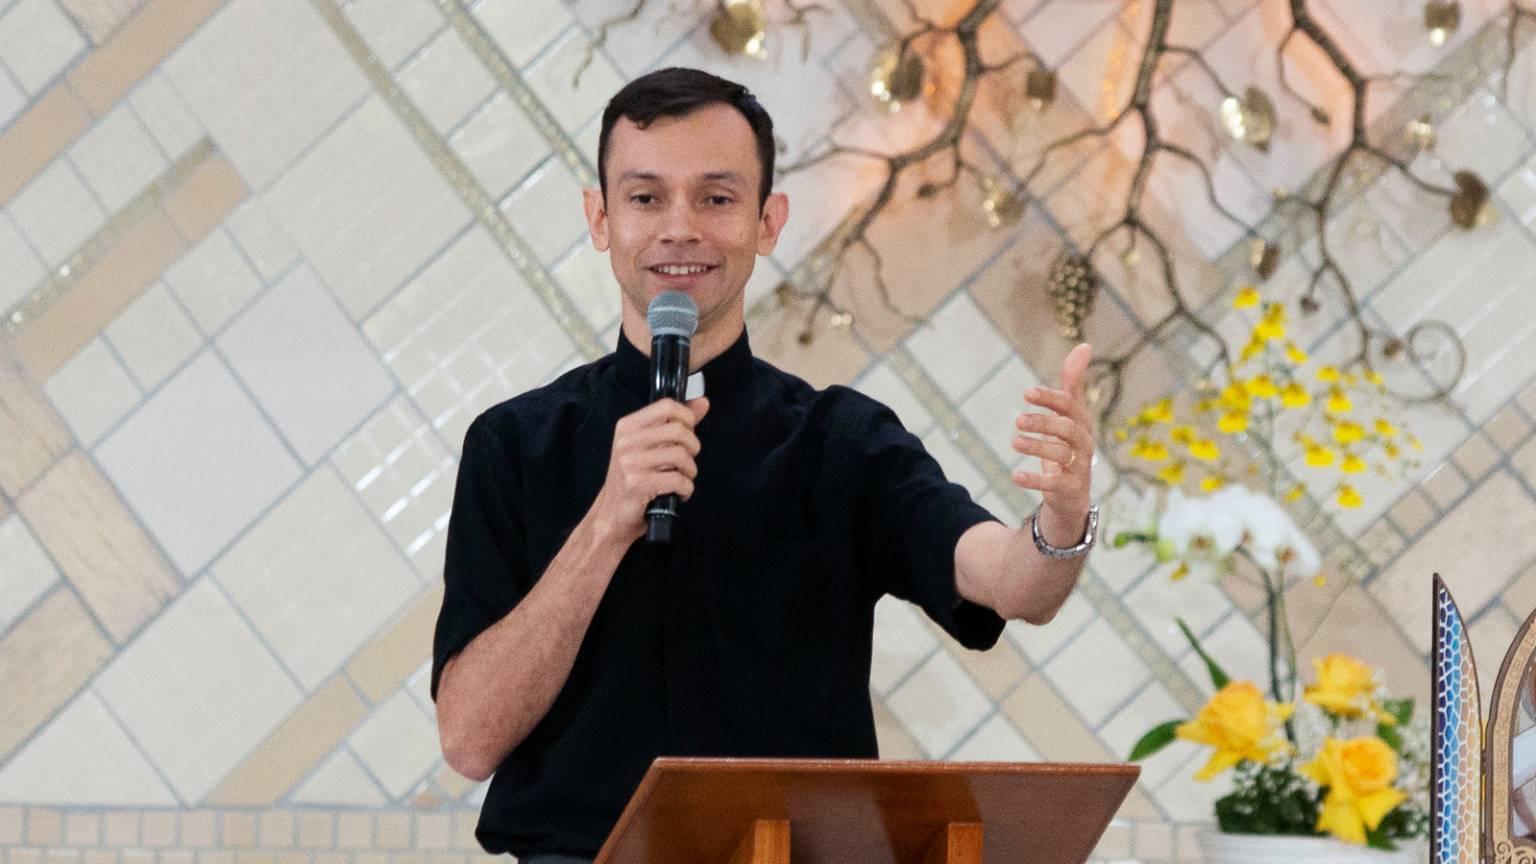 Quinta-feira-de-Adoração-Padre-Márcio-do-Padro-1600x-1200-1536x864.jpg